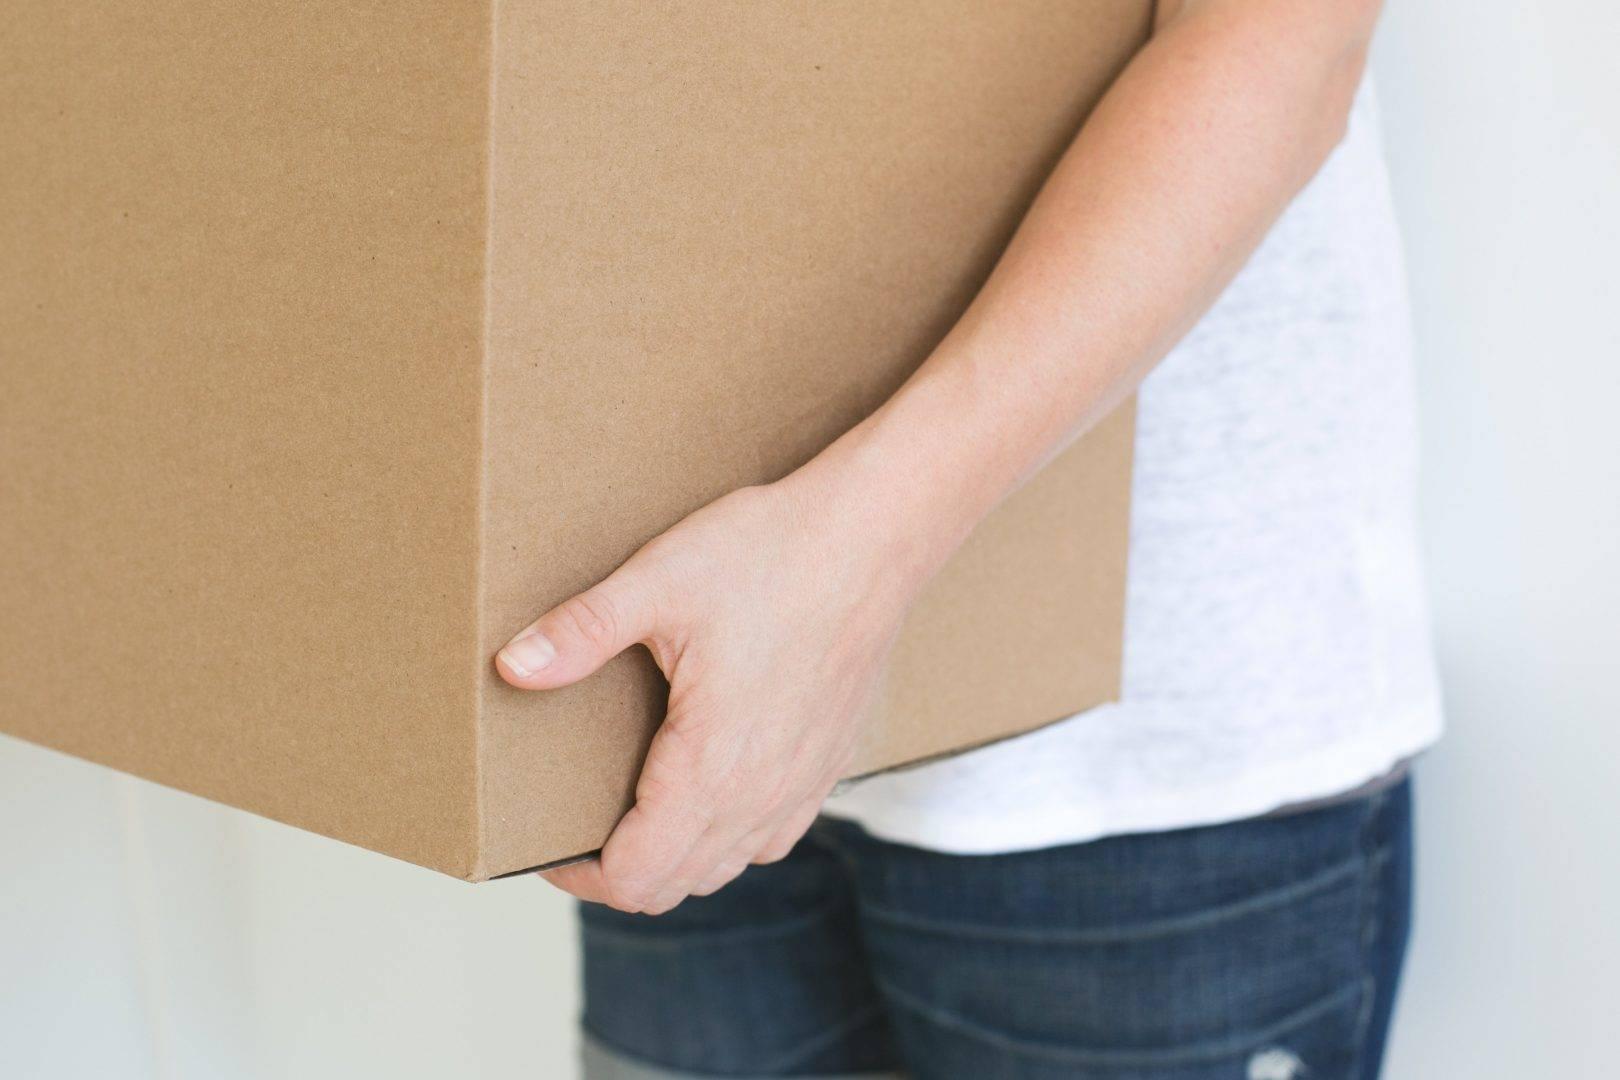 Casa nova 5 truques para fazer a mudança sem dor de cabeça-Brascon01